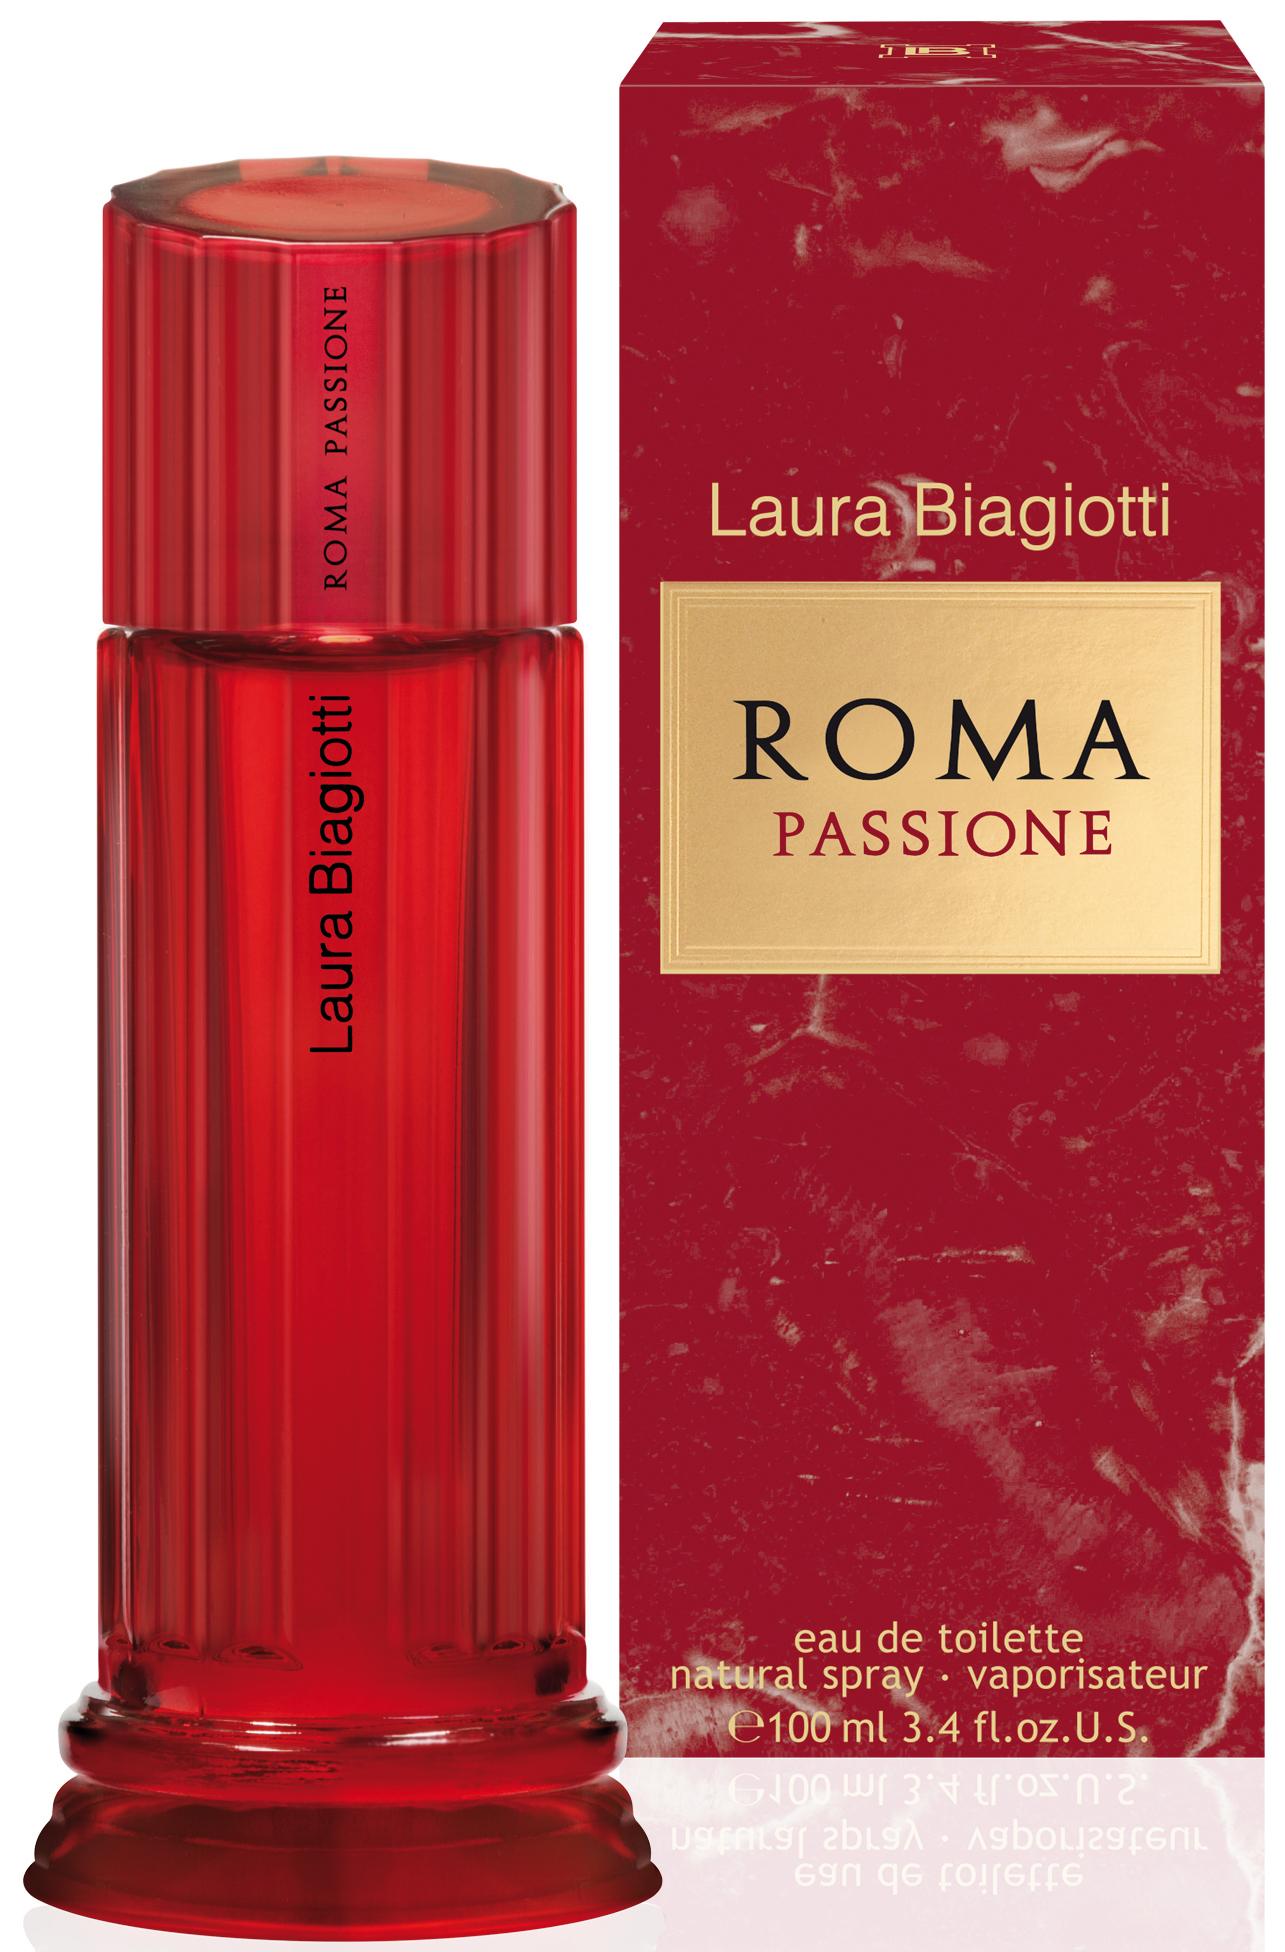 Laura Biagiotti Roma Passione toaletní voda pro ženy 100 ml